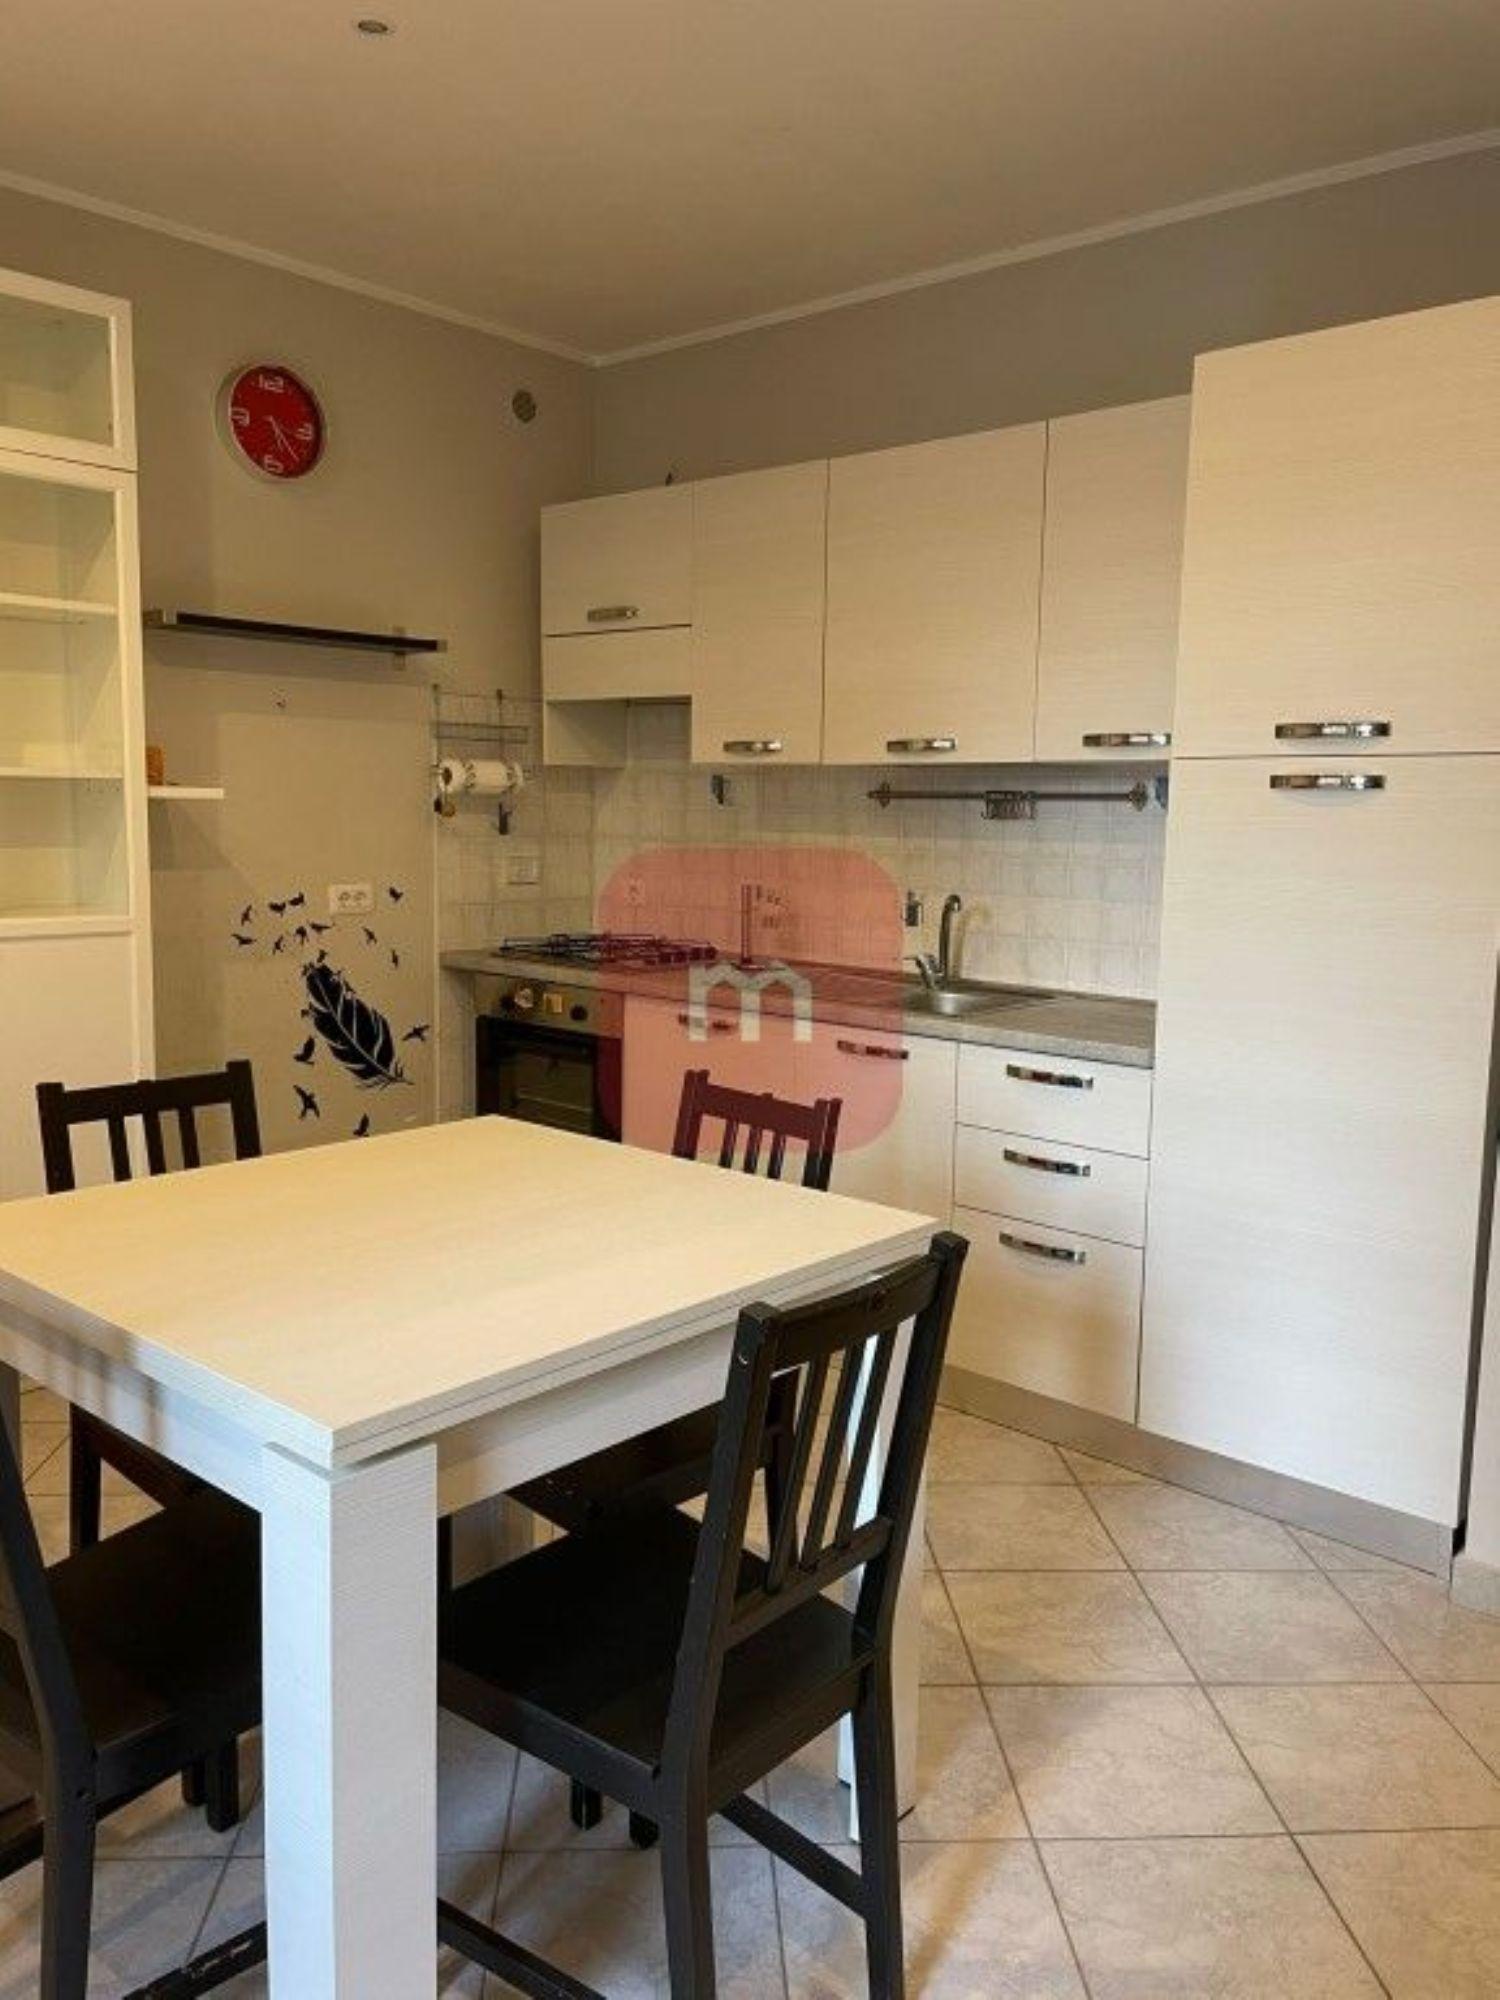 Appartamento in vendita a Artena, 2 locali, prezzo € 65.000 | CambioCasa.it